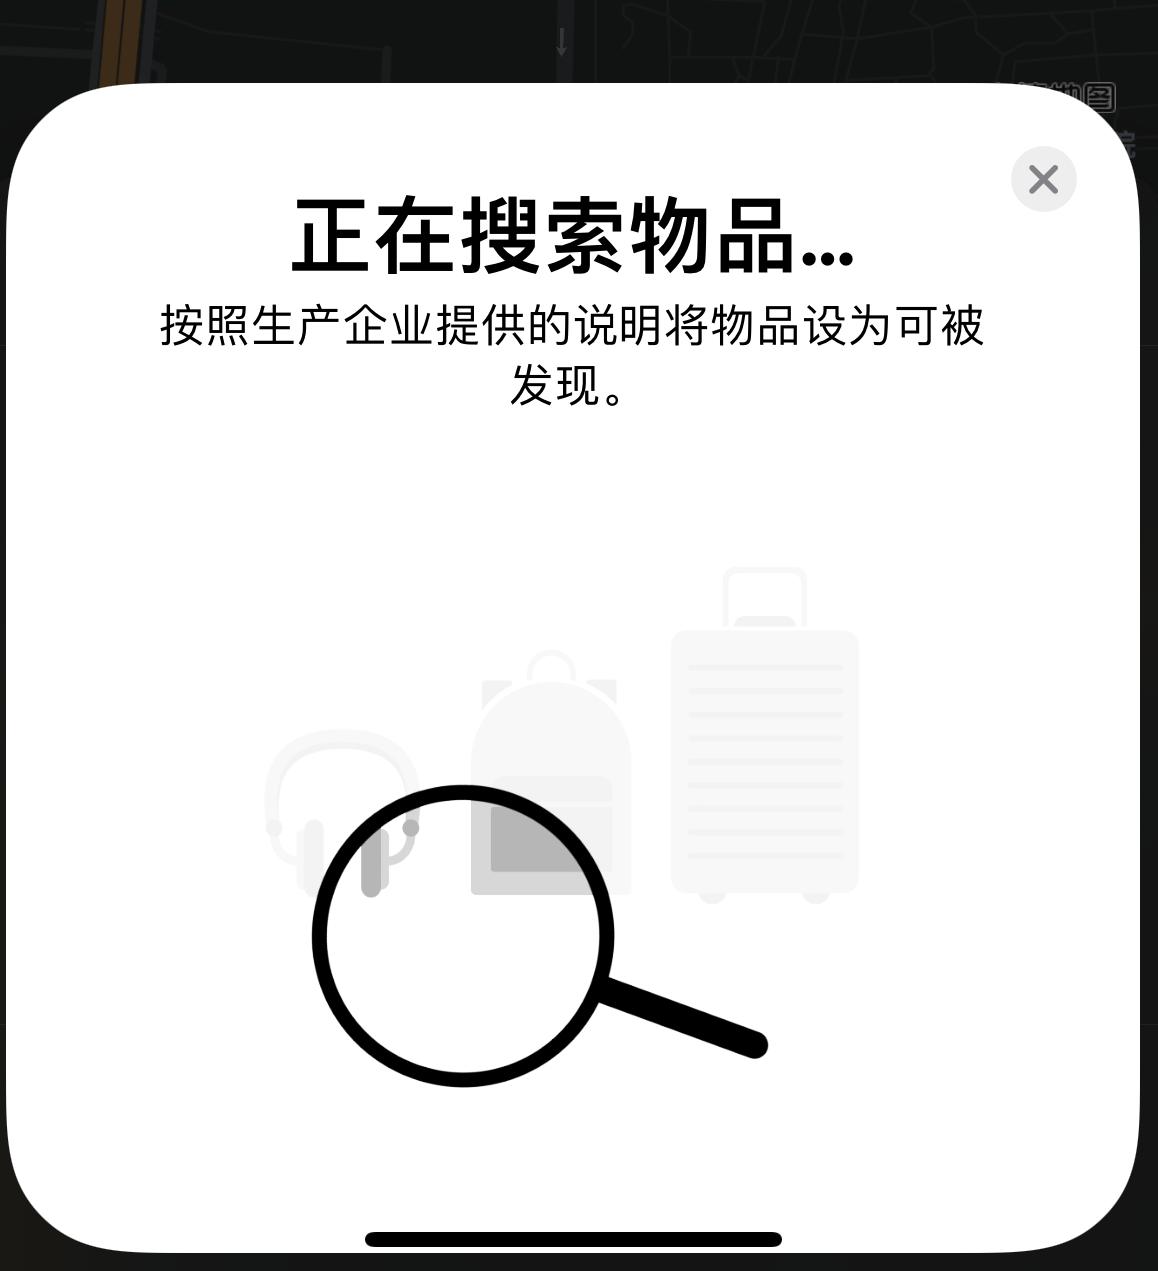 """iOS 14.3 隐藏项目:可通过指令激活 """"查找""""应用中的寻物功能"""